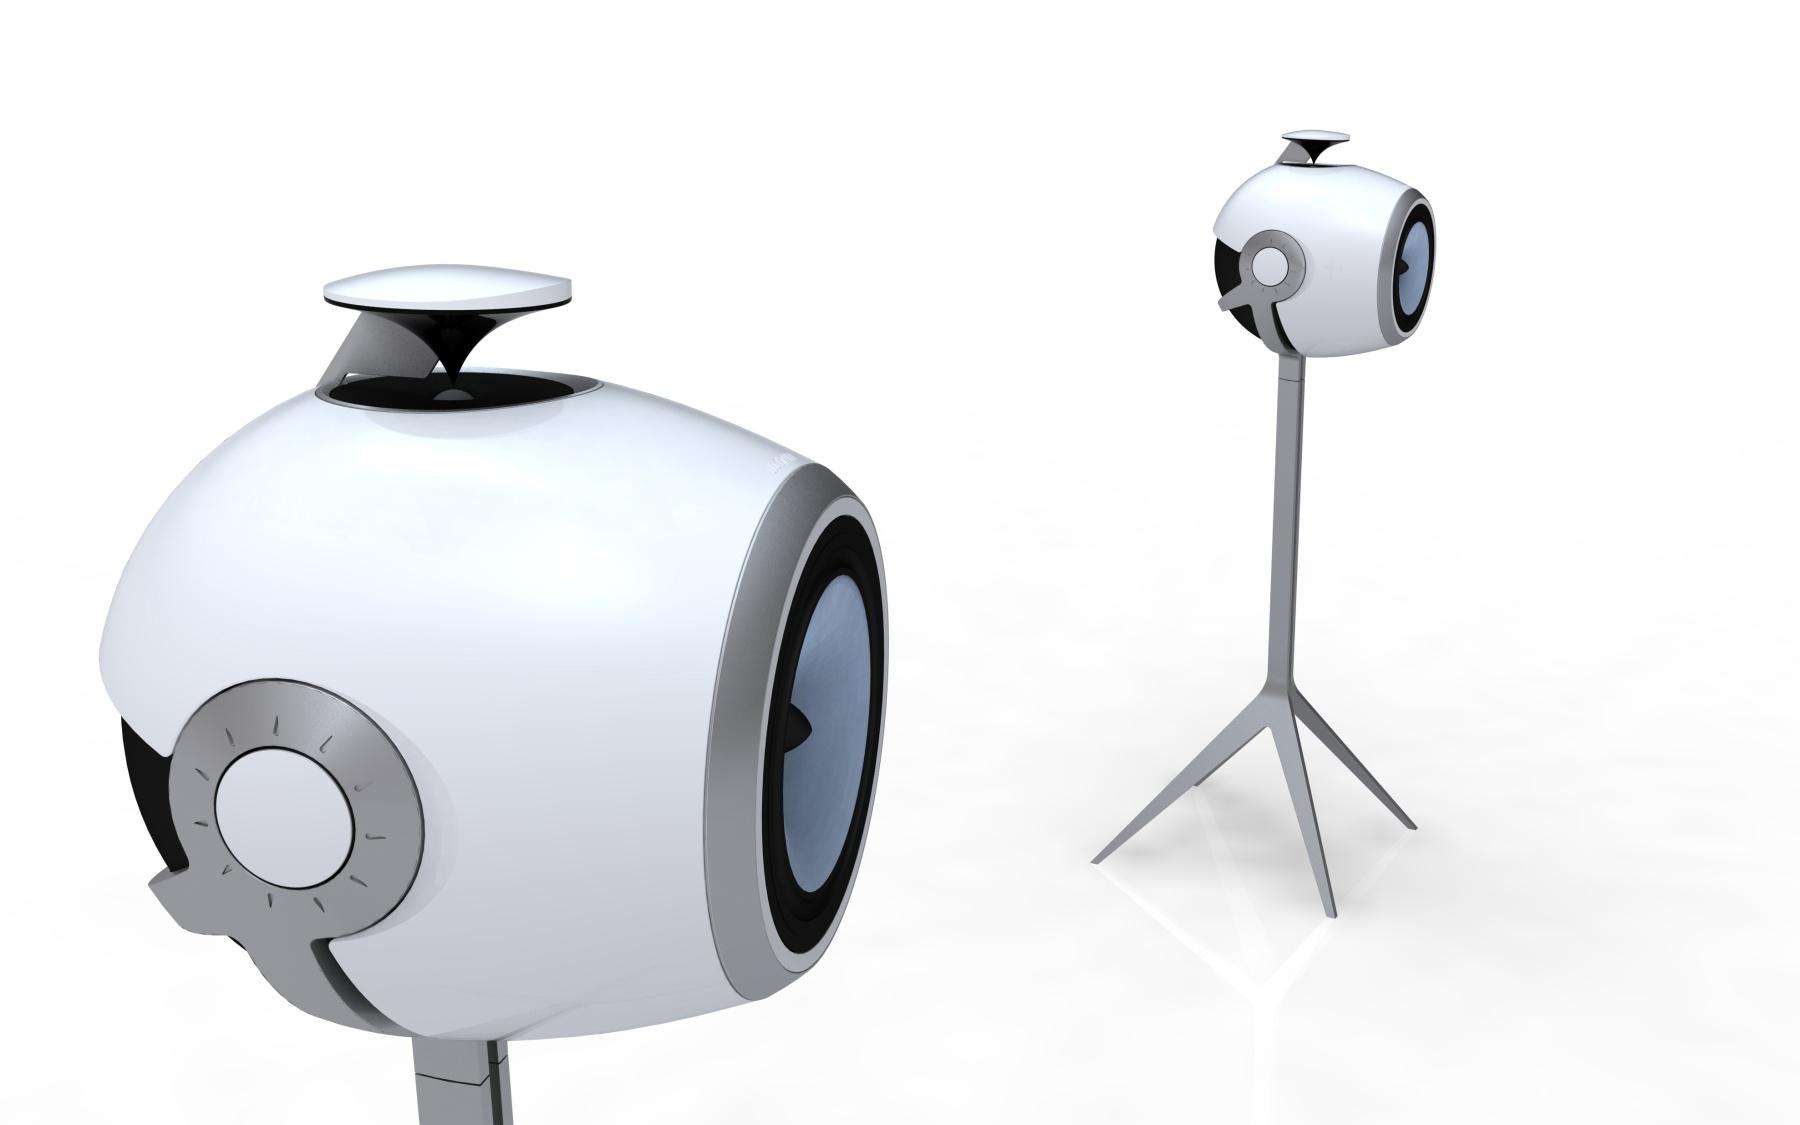 DESIGNSTUDIE // Lautsprecher 360